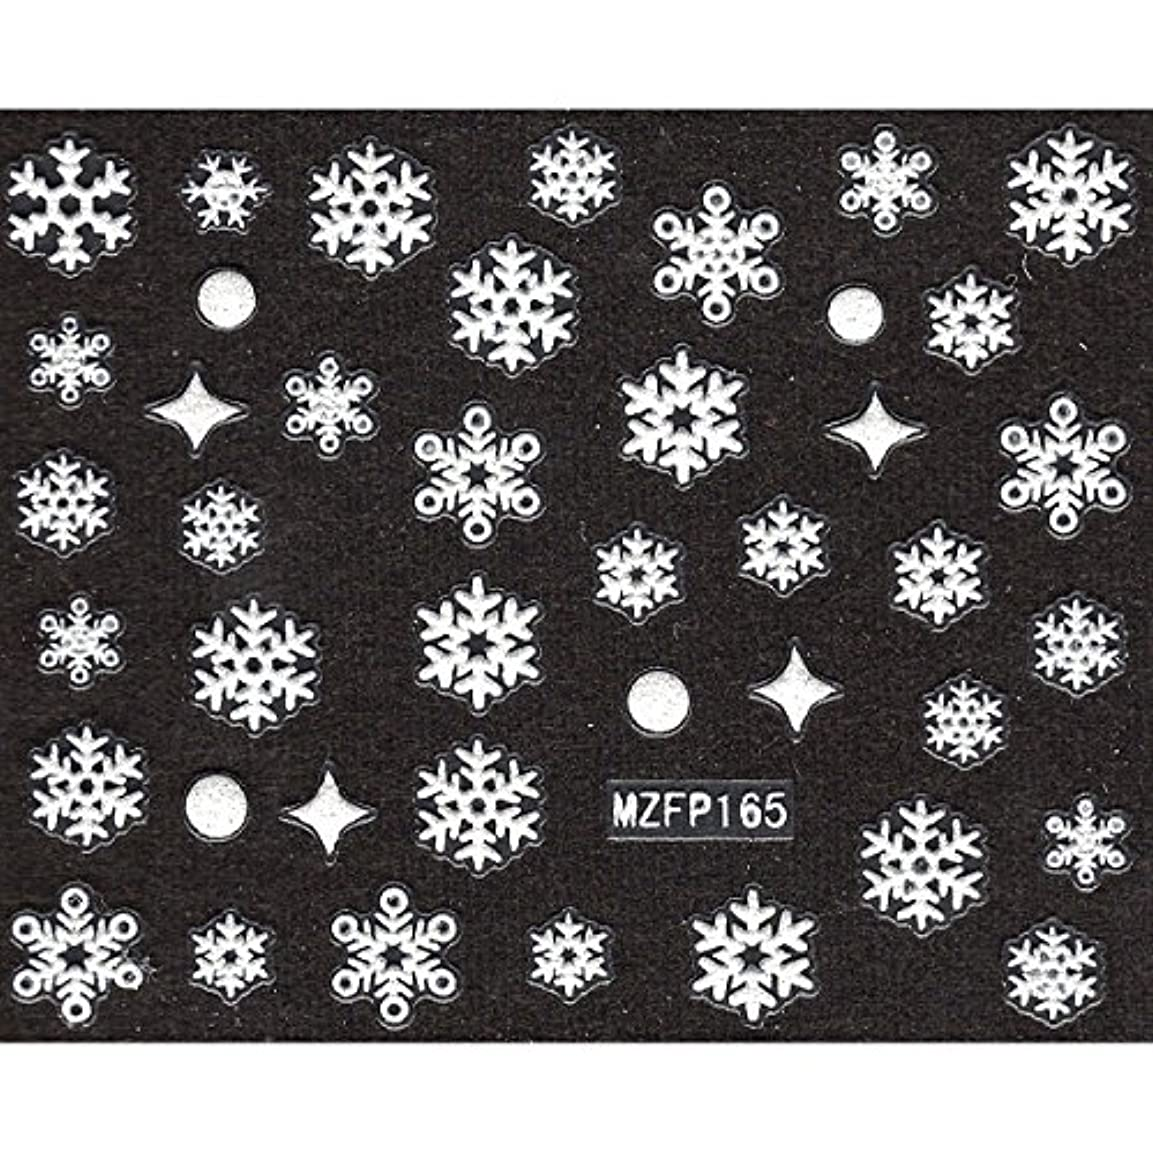 大使ホット空中ネイルシール 雪の結晶 選べる24種類 (Sb-01)